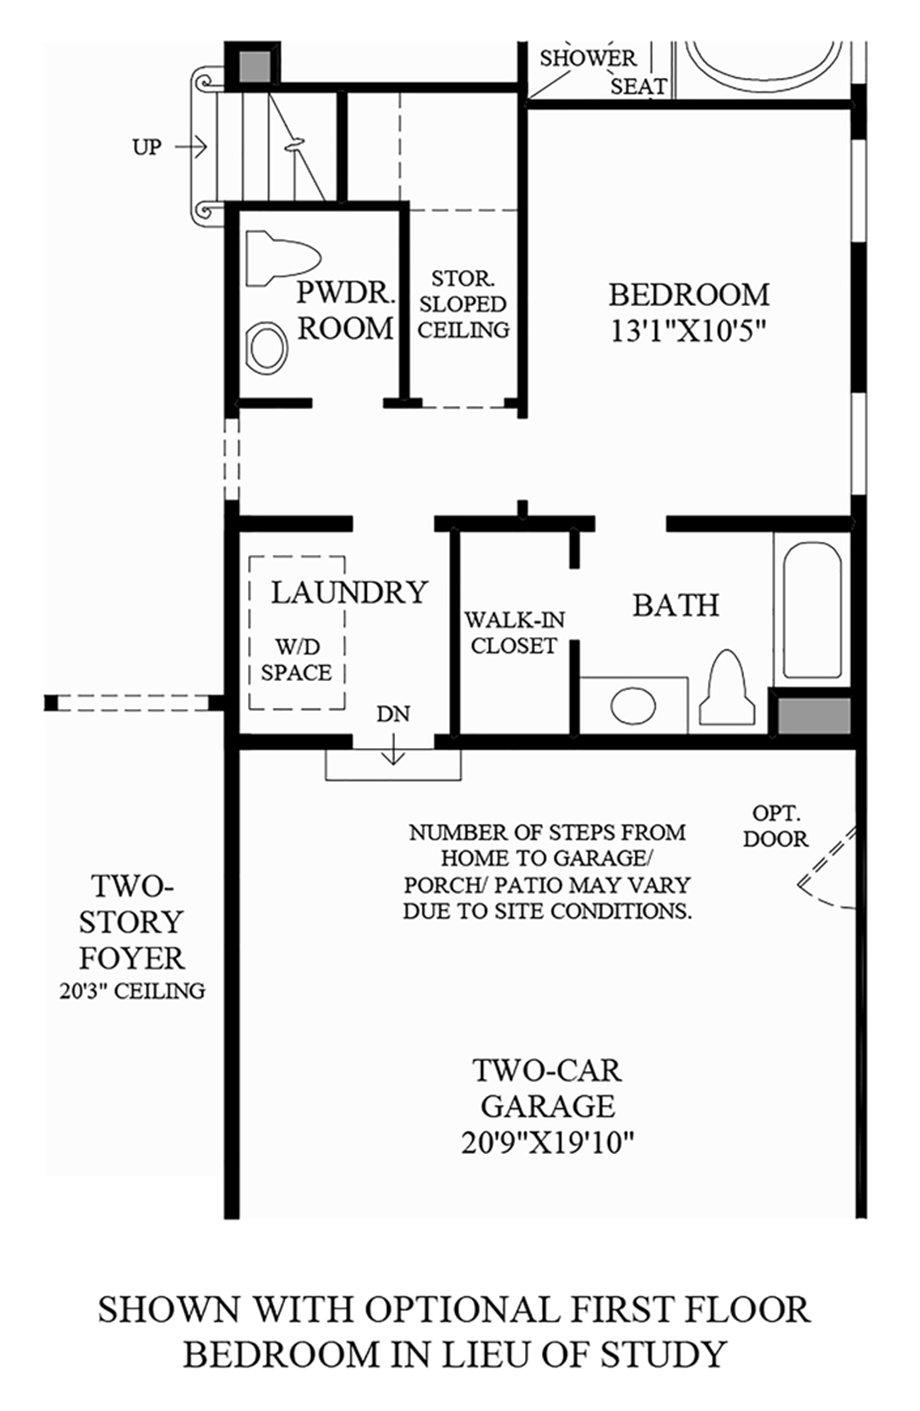 Optional First Floor Bedroom In Lieu of Study Floor Plan